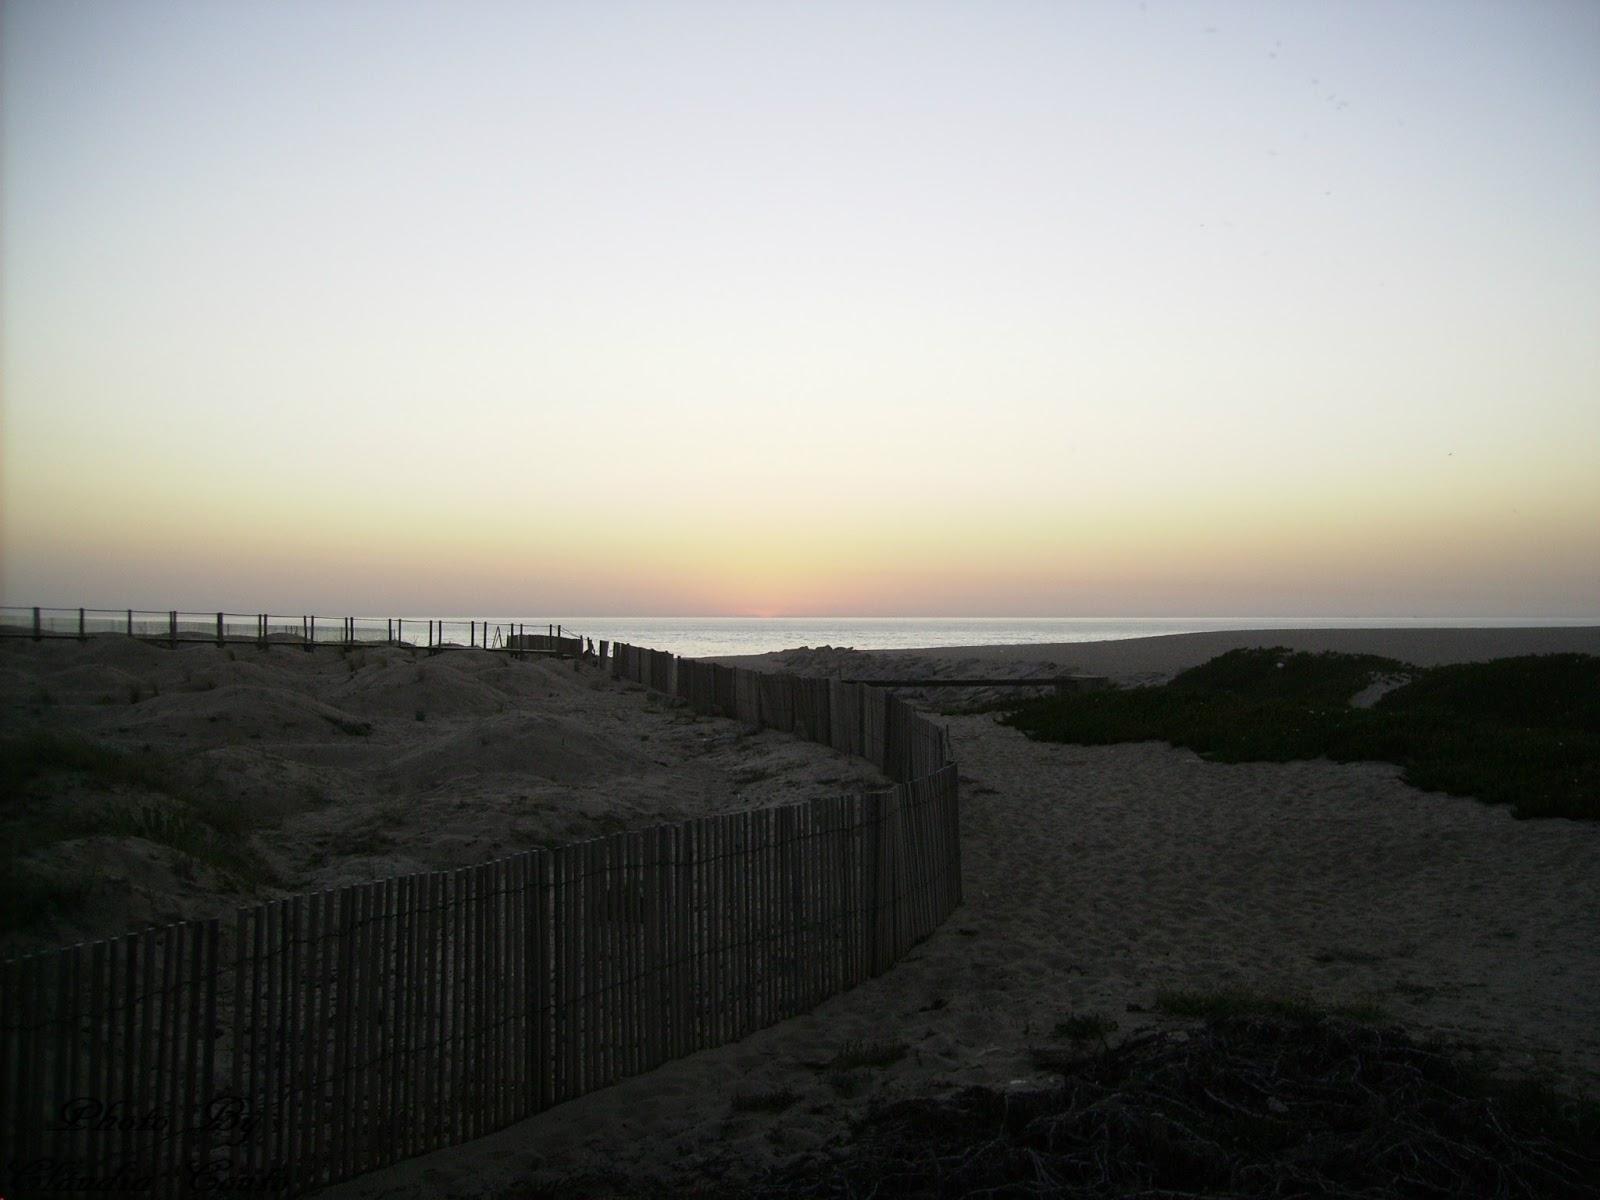 fotografia das dunas